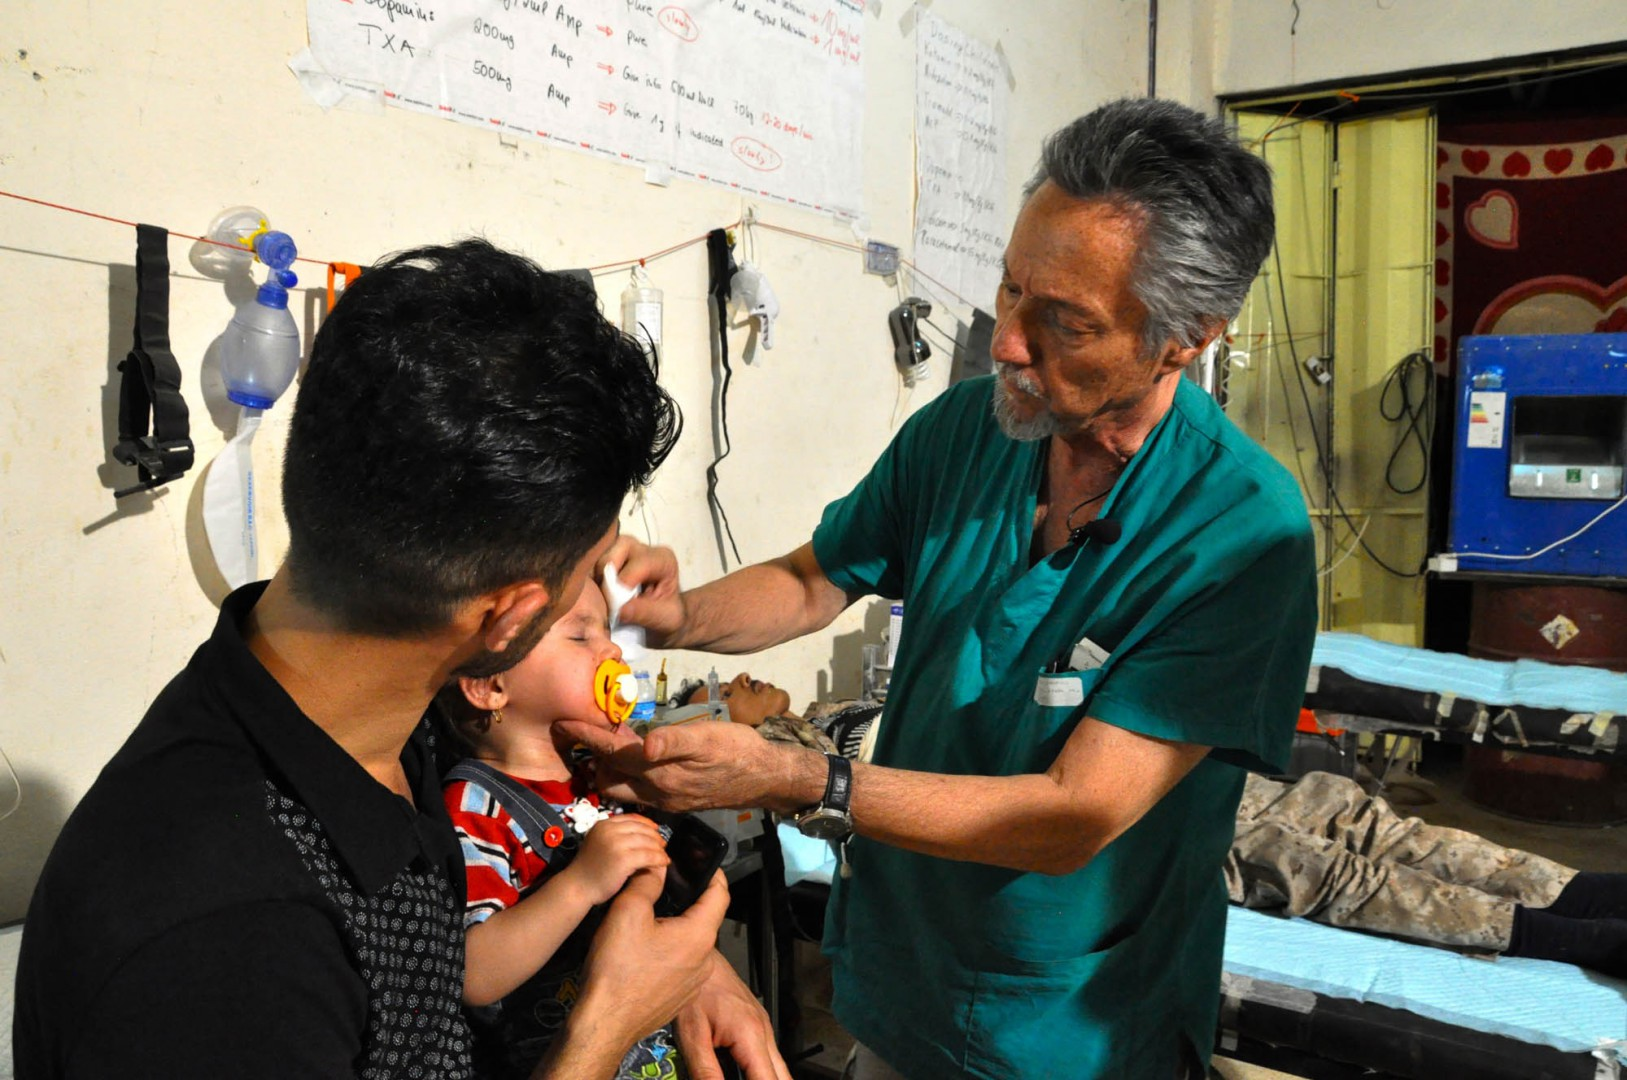 Marino Andolina il pediatra di Road to peace al posto di soccorso avanzato a Mosul